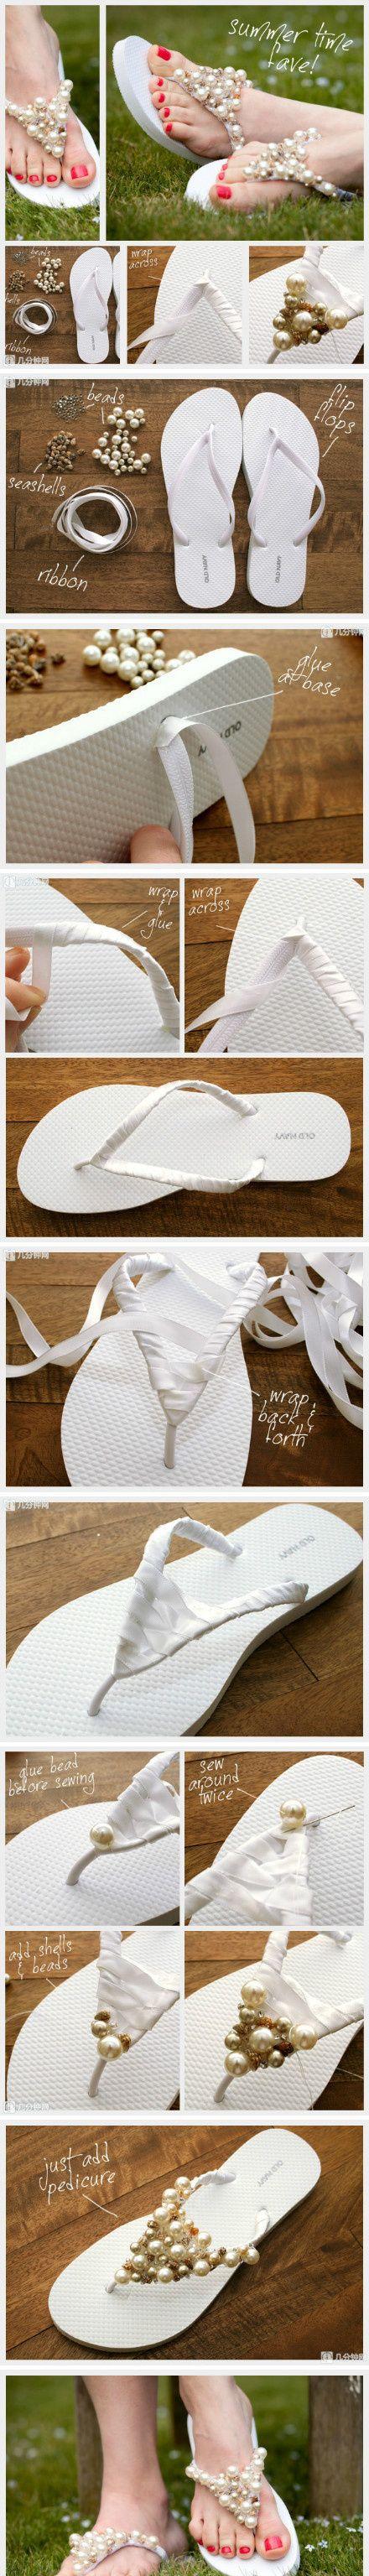 http://ideasyconsejos.com/wp-content/uploads/2012/09/C%C3%B3mo-decorar-tus-sandalias-con-perlas.jpg